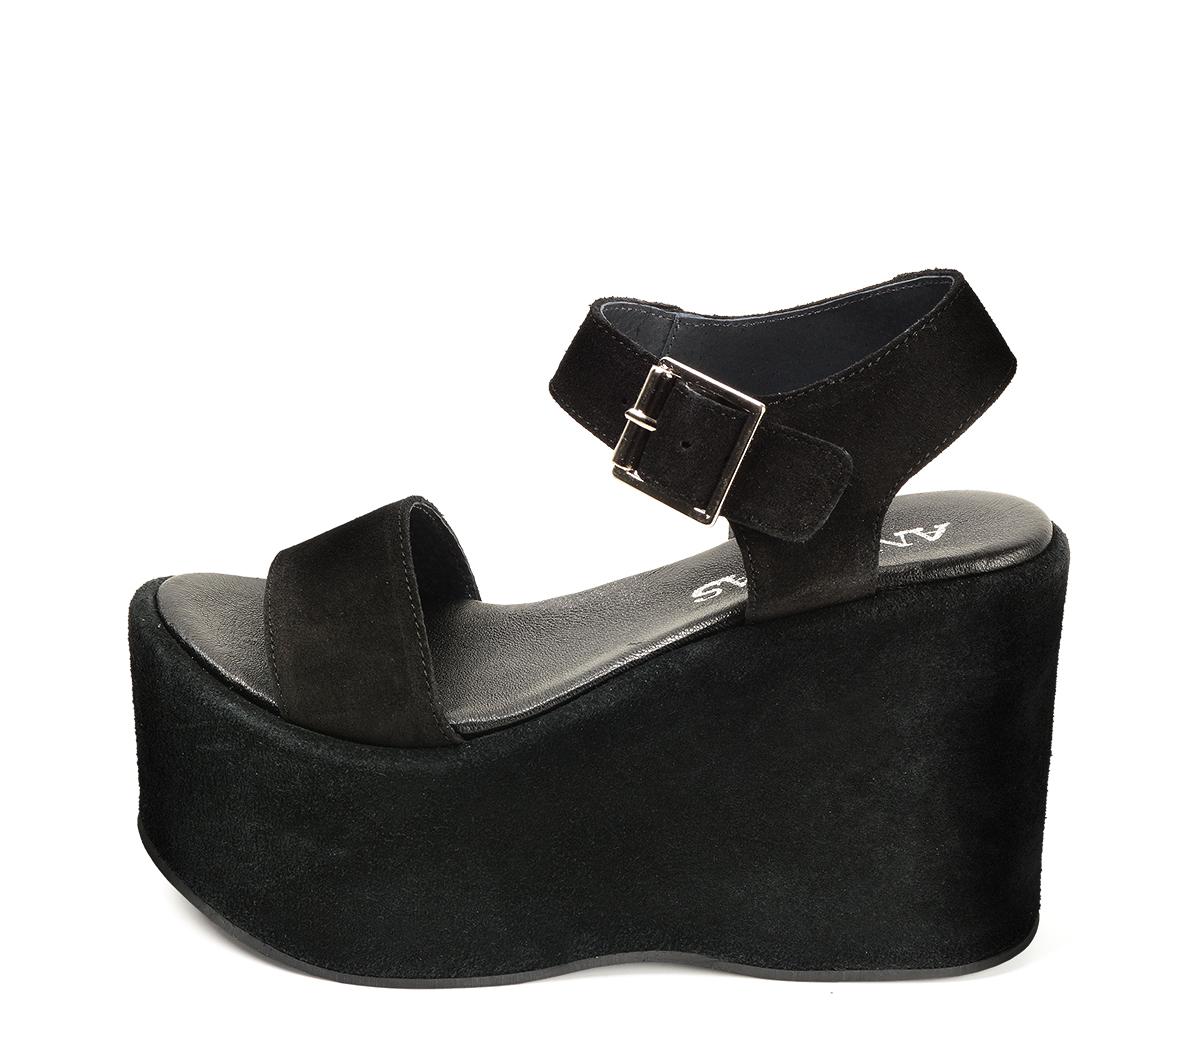 Ref: 4293 Sandalia de serraje negro con pala y pulsera al tobillo con hebilla plateada. Plataforma de serraje al tono. Altura plataforma trasera de 11 cm y plataforma delantera de 7 cm